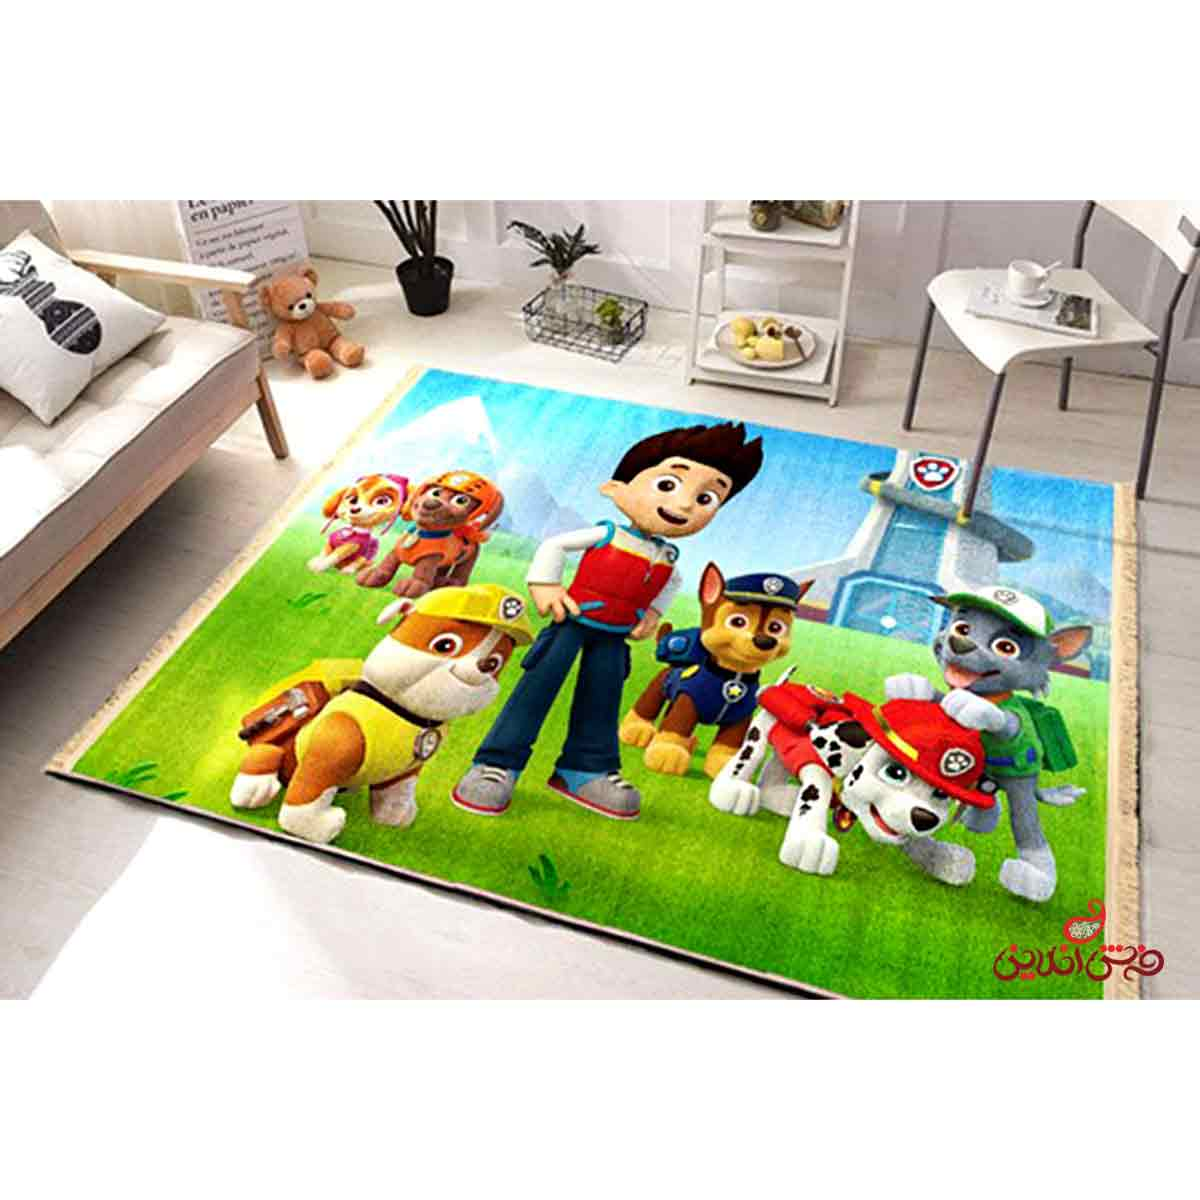 فرش ماشینی کودک کلاریس سگ های نگهبان کد 100205